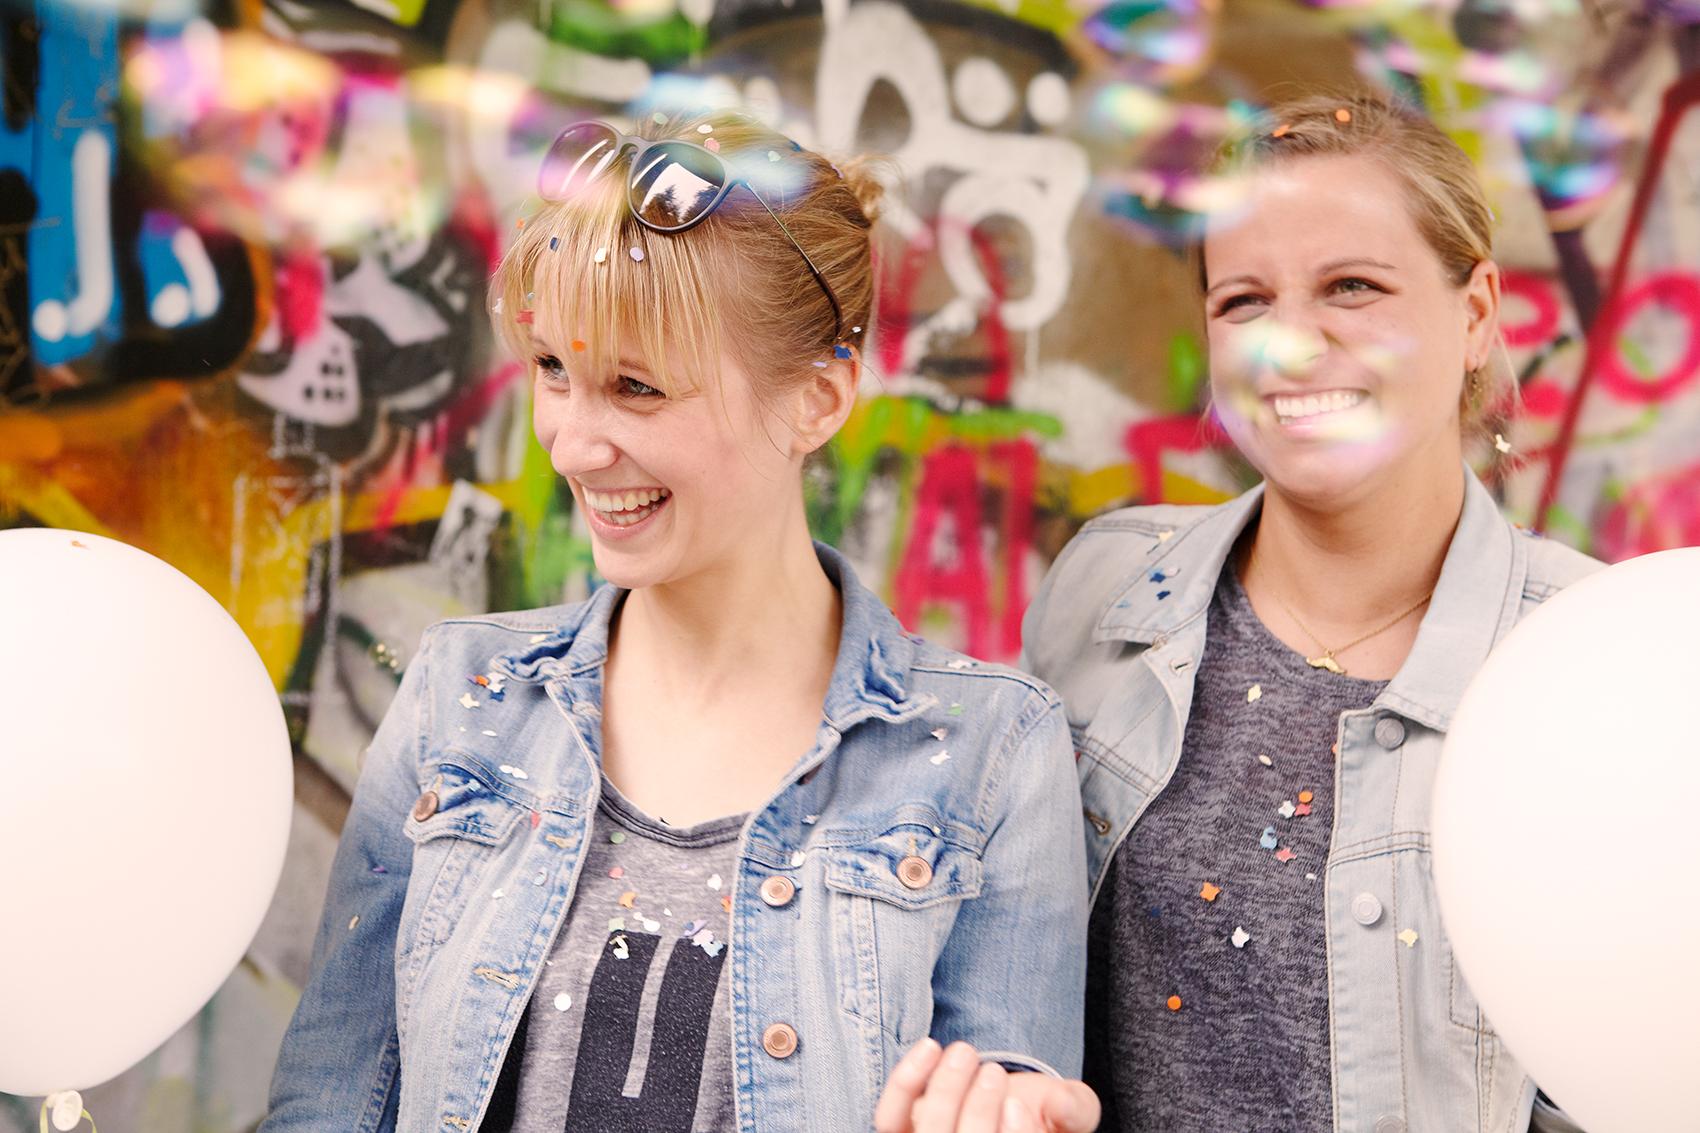 Ausgelassener Junggesellinenabschied im Park. Beste Freundinnen feiern mit Konfettiregen, Slackline, Luftballons, Luftblasen und zelebrieren ein wunderschönes Fest.